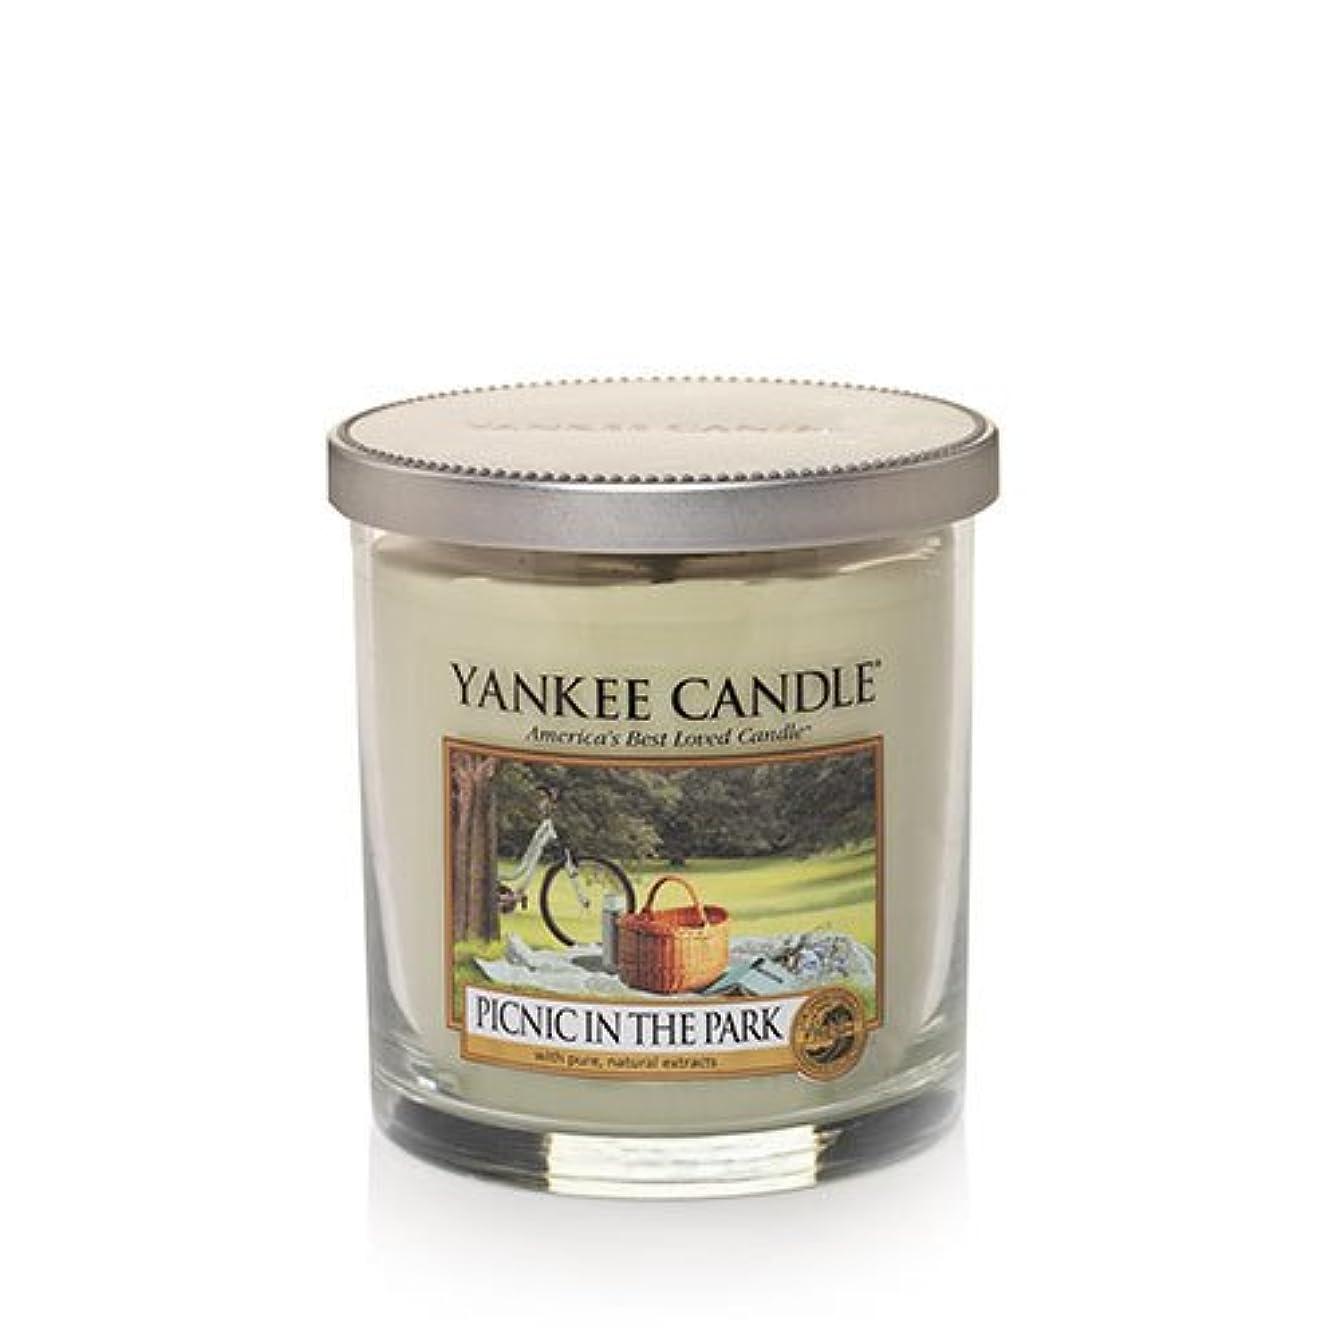 凝視の間で確率Yankee Candleピクニック公園で、新鮮な香り Small Tumbler Candles 1323009-YC